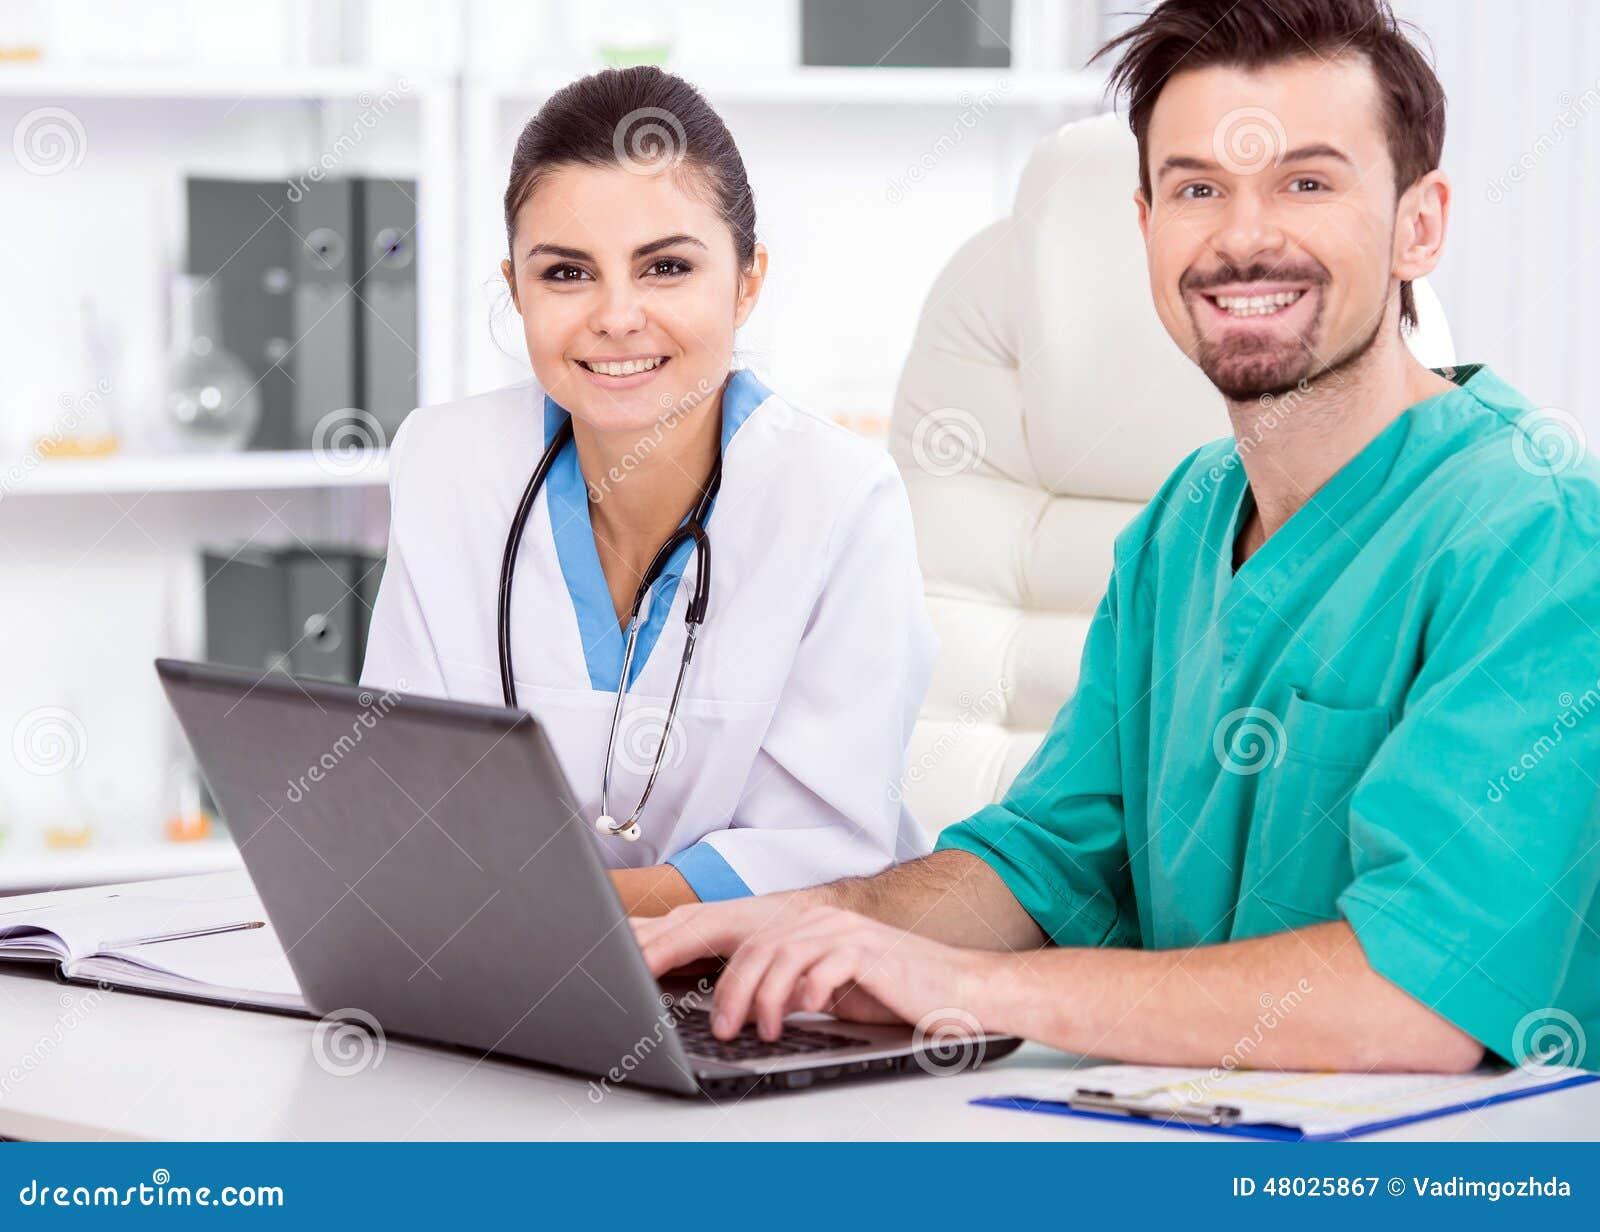 Medical Stock Photo - Image: 48025867